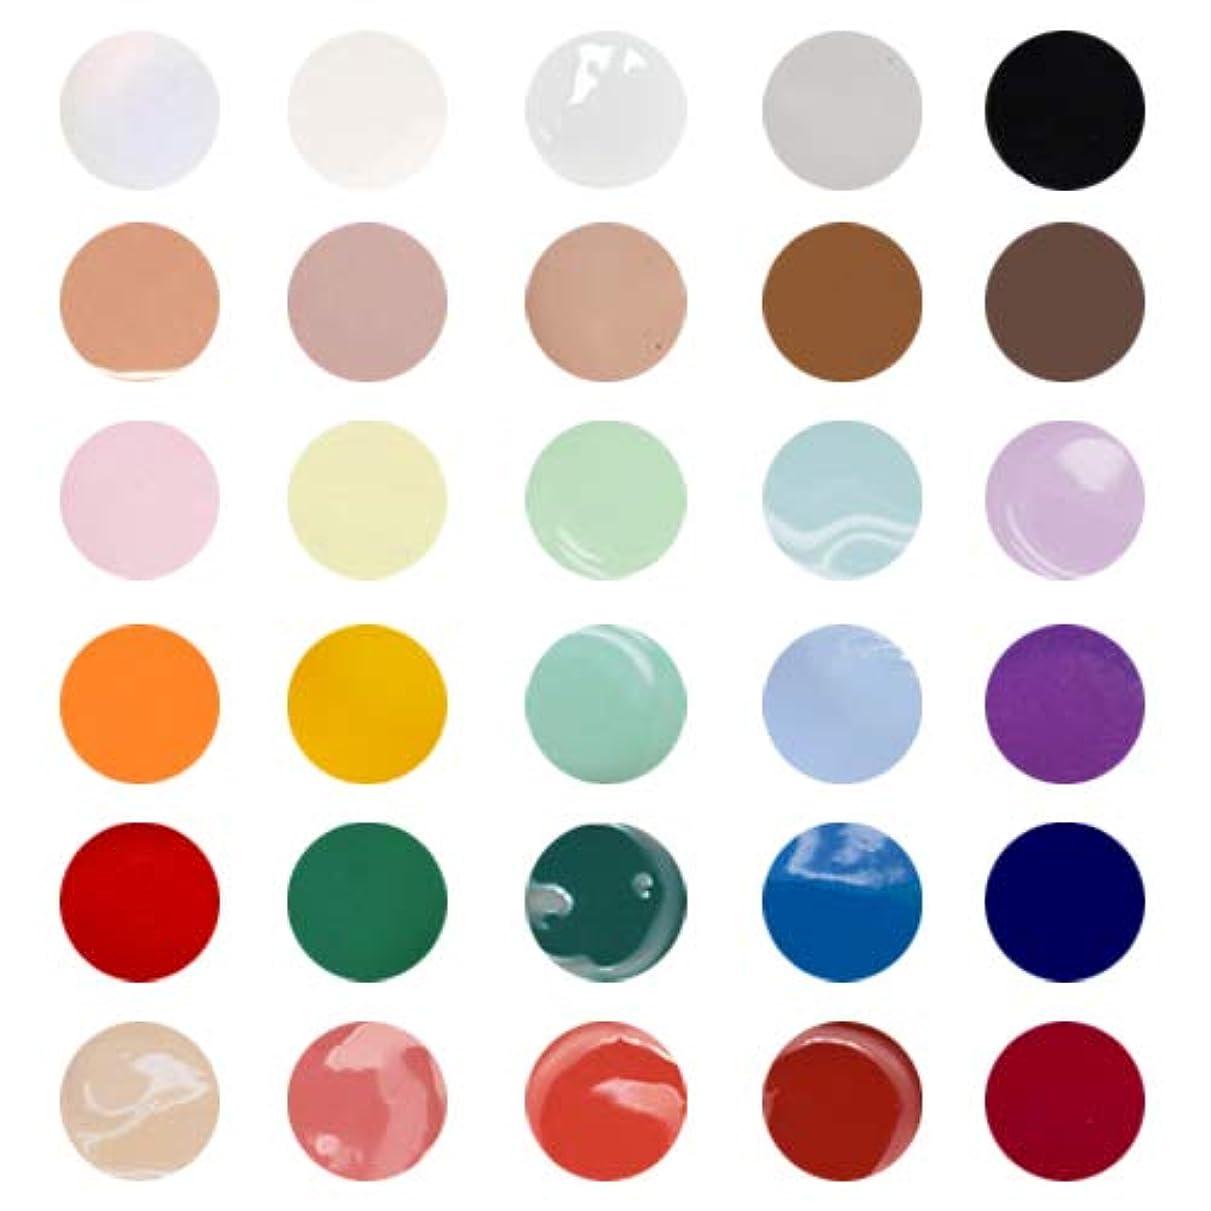 幻滅する誕生日キラウエア山irogel イロジェル カラージェル 30色セット 化粧品 ジェルネイル